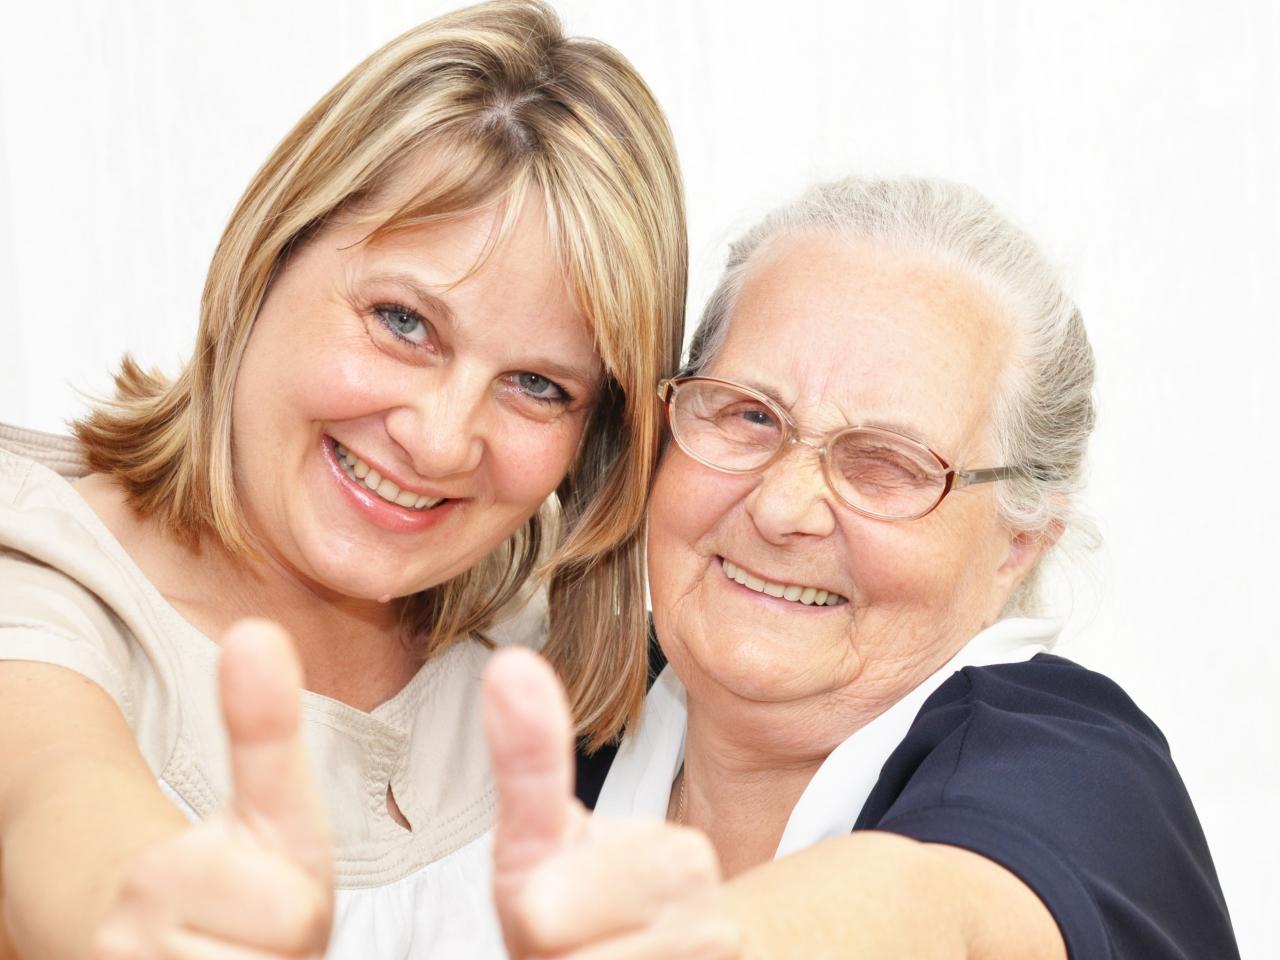 Eie jüngere und eine ältere Frau stehen nahe nebeneinander und machen gemeinsam eine ermutigende Daumen hoch Geste.